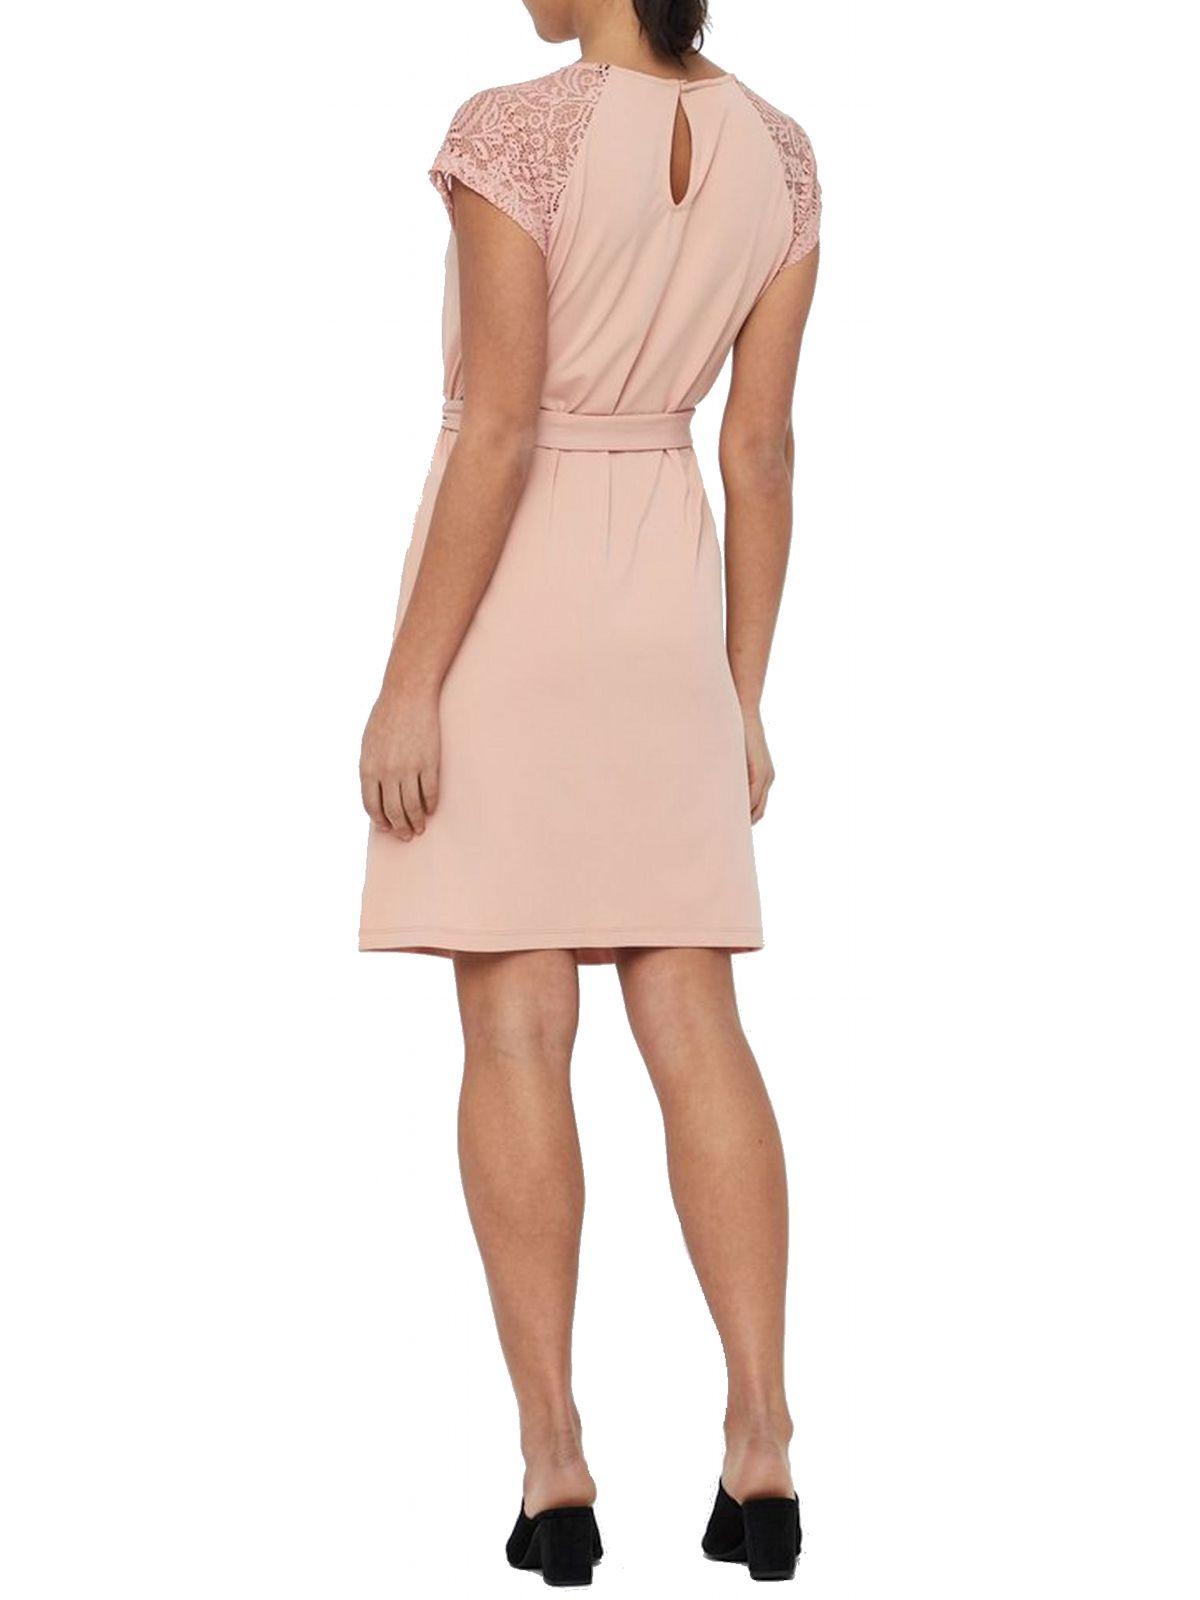 kurzes kleid vero moda in 2020 | kleider, kurze kleider